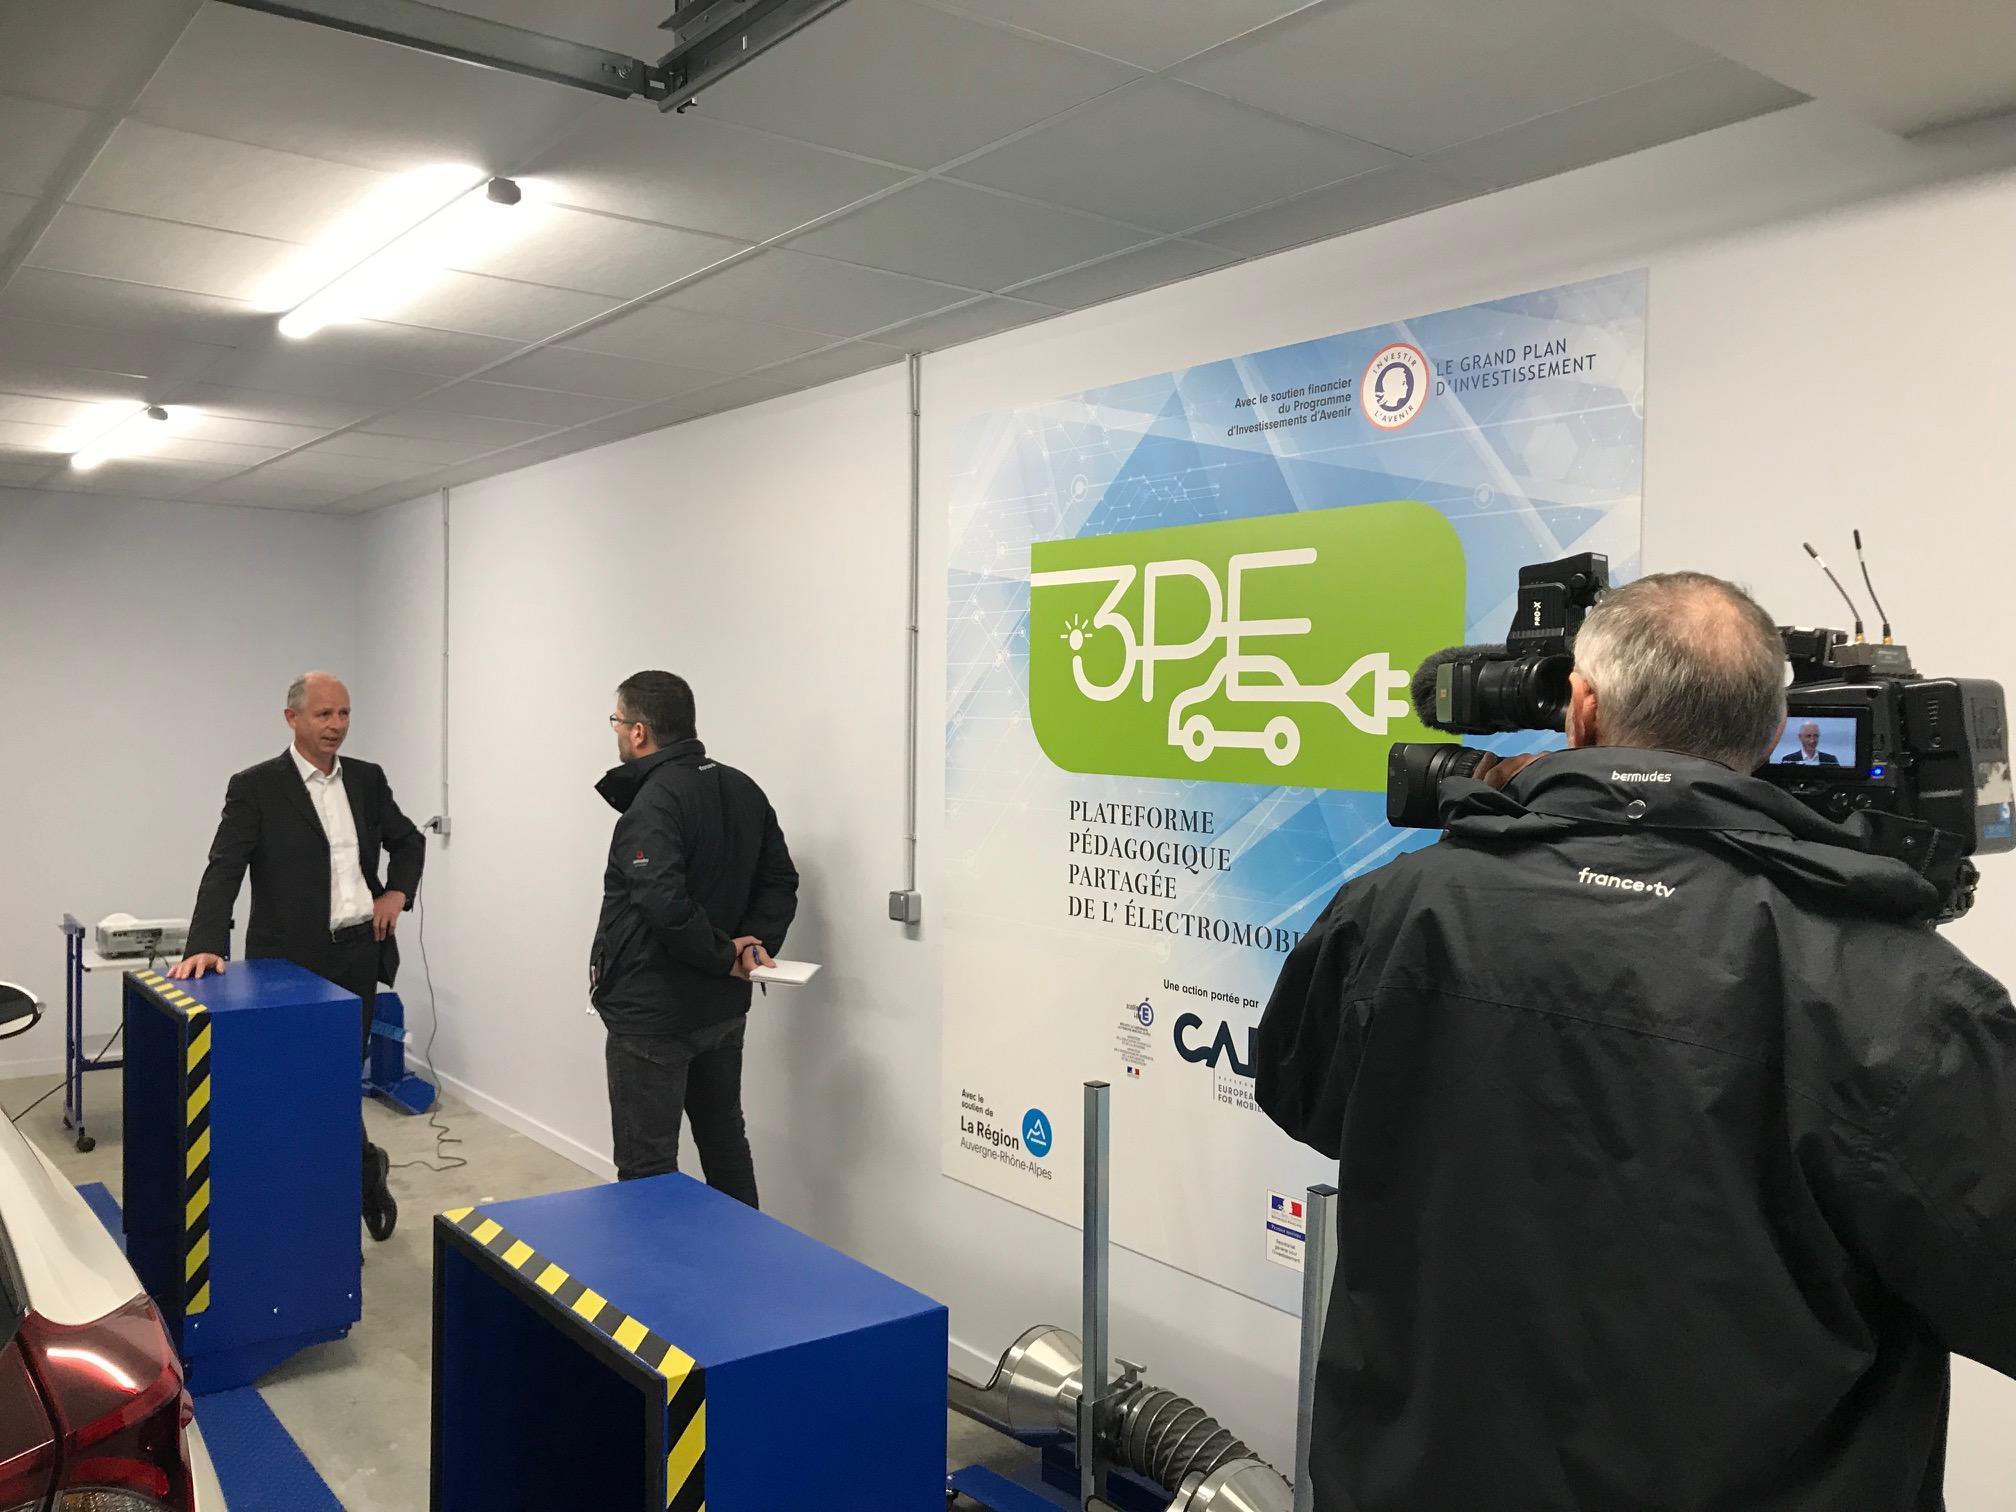 Implication dans le projet 3PE – Plateforme Pédagogique Partagée de l'Electromobilité